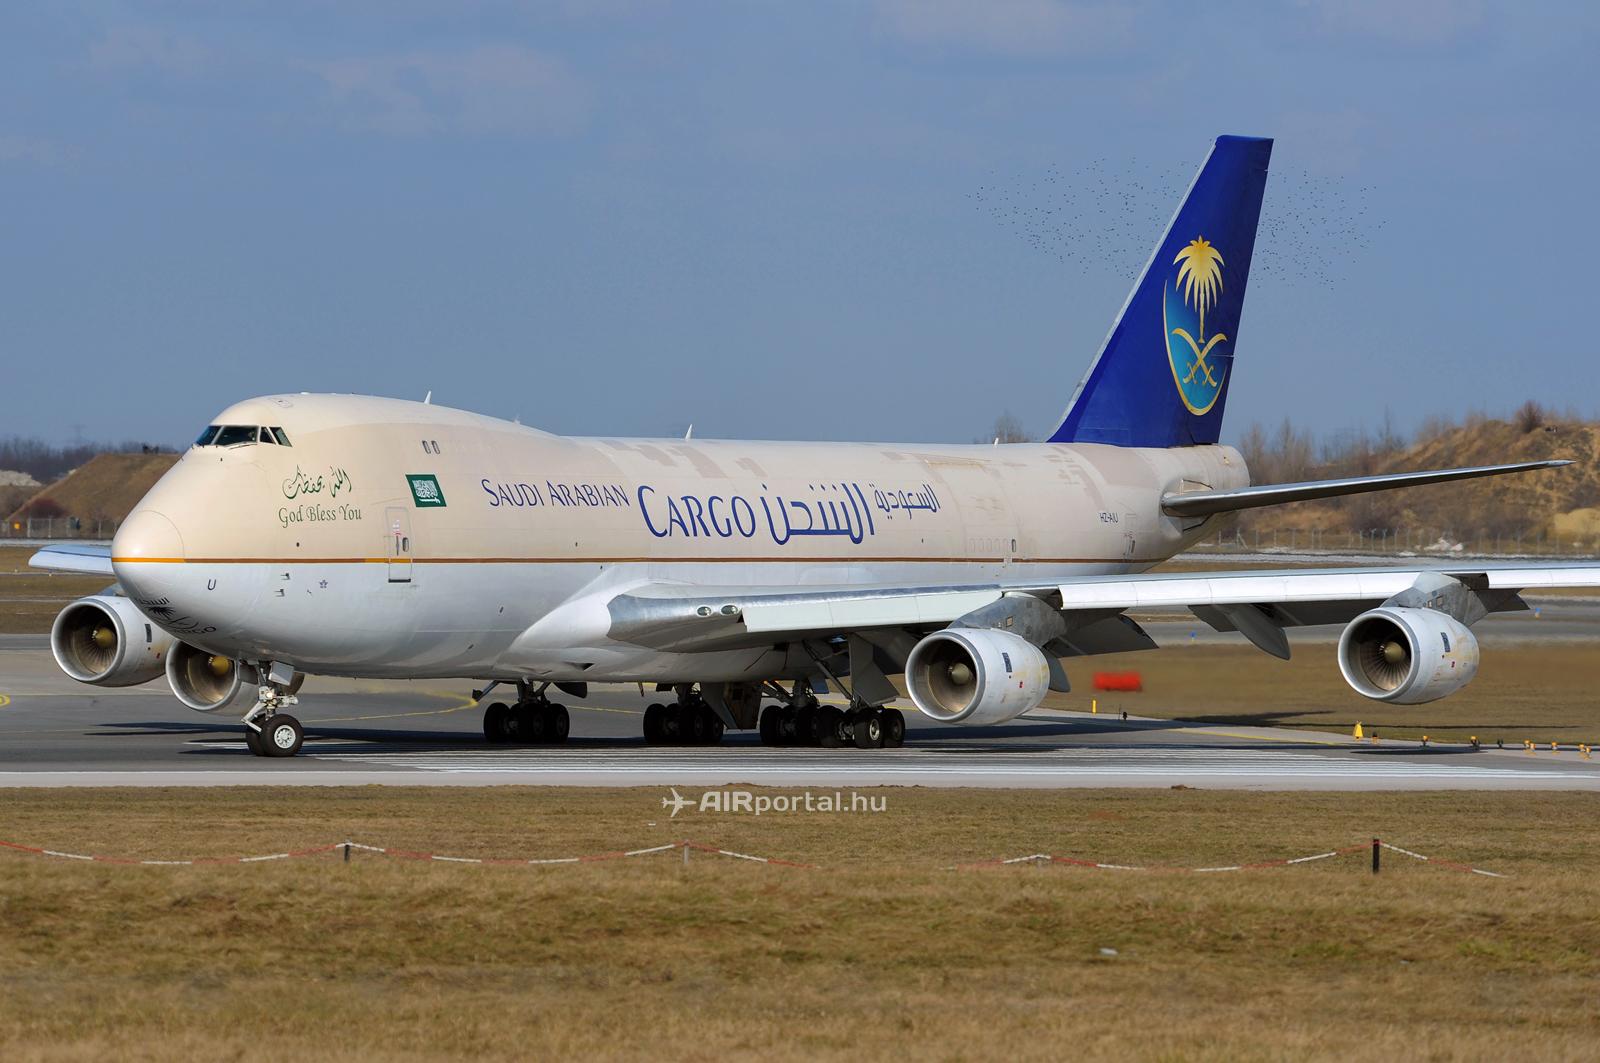 A most nyugdíjazott HZ-AIU lajstromú Boeing 747-200F teherszállító repülőgép a bécsi Schwechat repülőtéren. (Fotó: Kovács Gábor - AIRportal.hu)   © AIRportal.hu